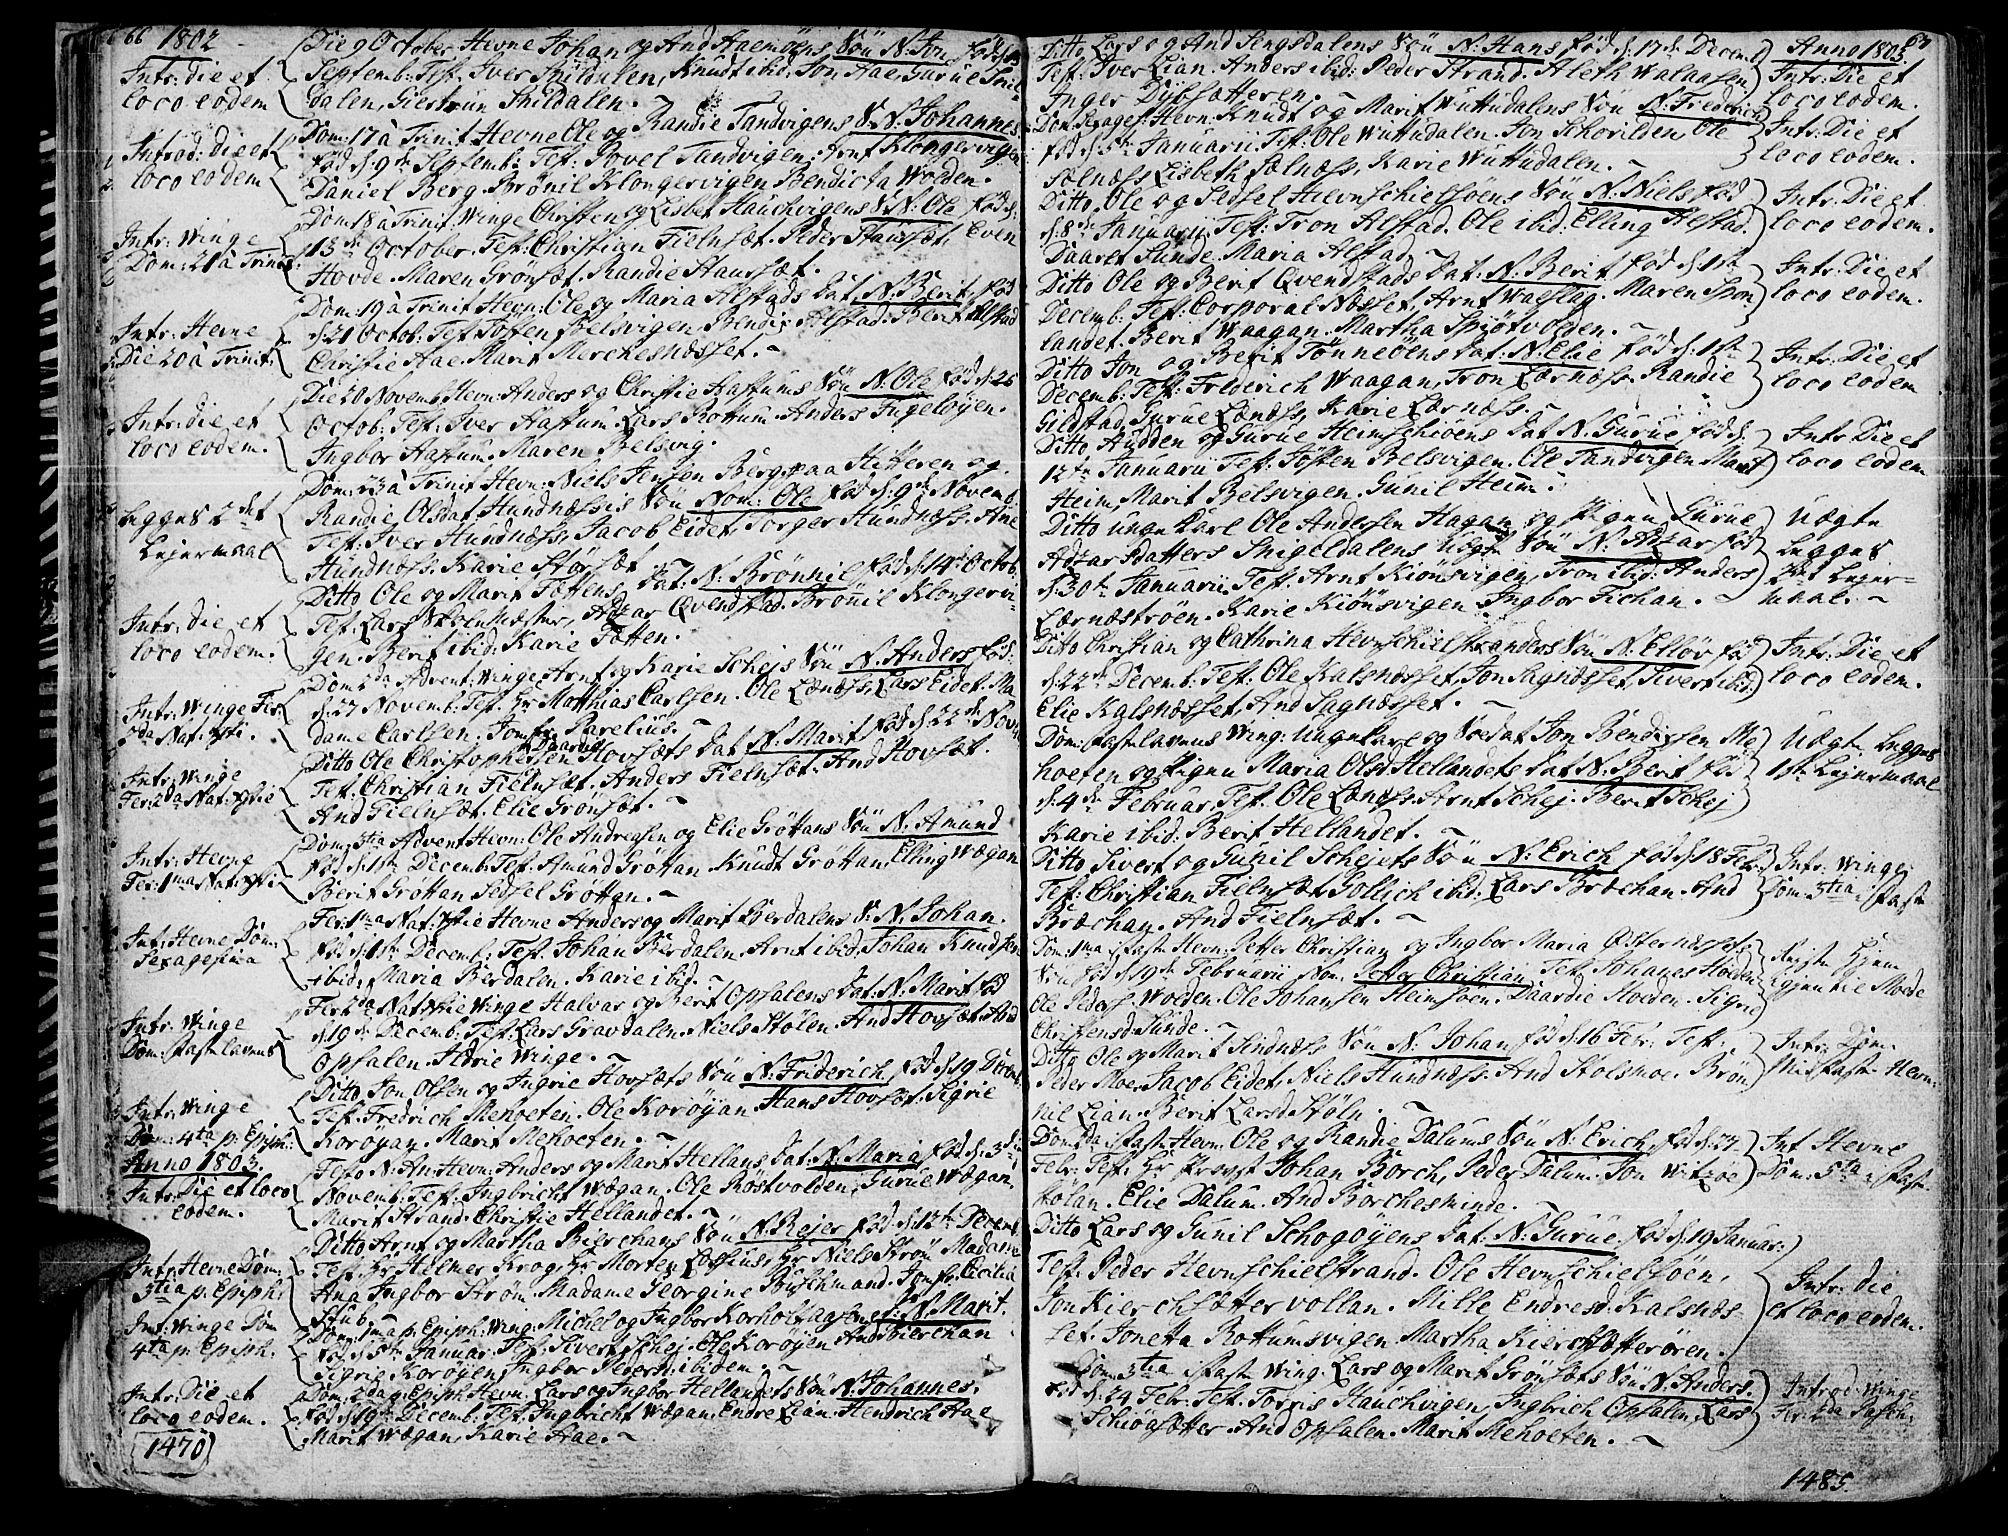 SAT, Ministerialprotokoller, klokkerbøker og fødselsregistre - Sør-Trøndelag, 630/L0490: Ministerialbok nr. 630A03, 1795-1818, s. 66-67